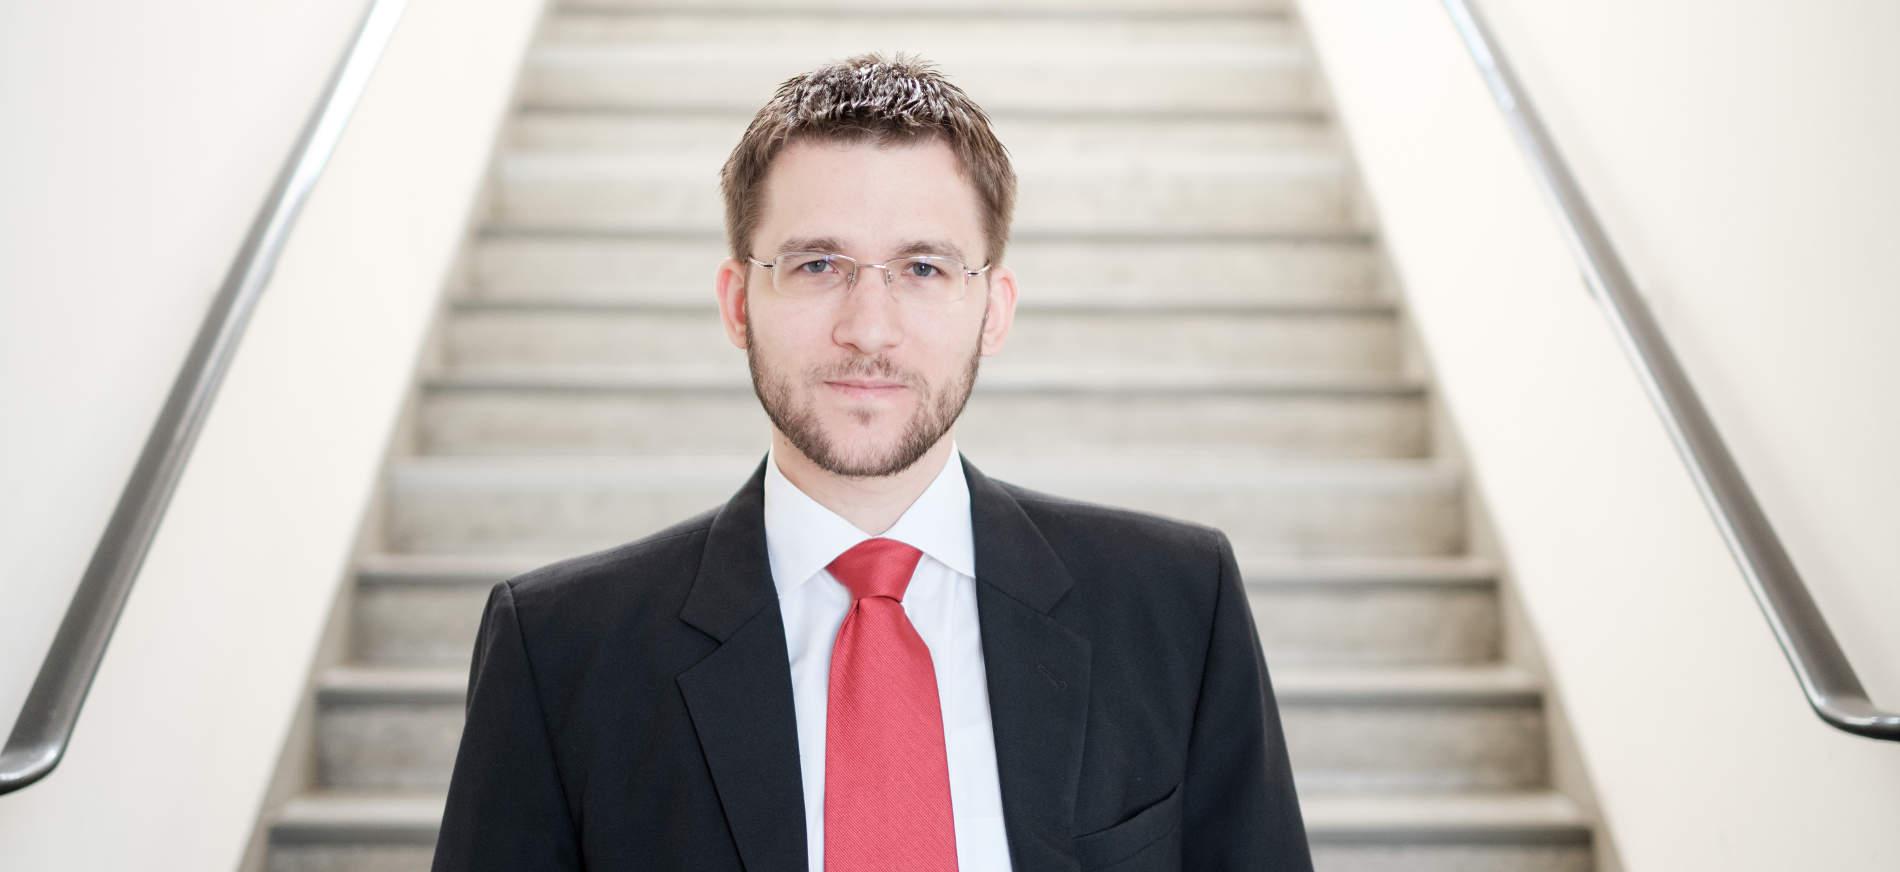 Fachanwalt für Strafrecht Mathias Grasel ist Strafverteidiger in München